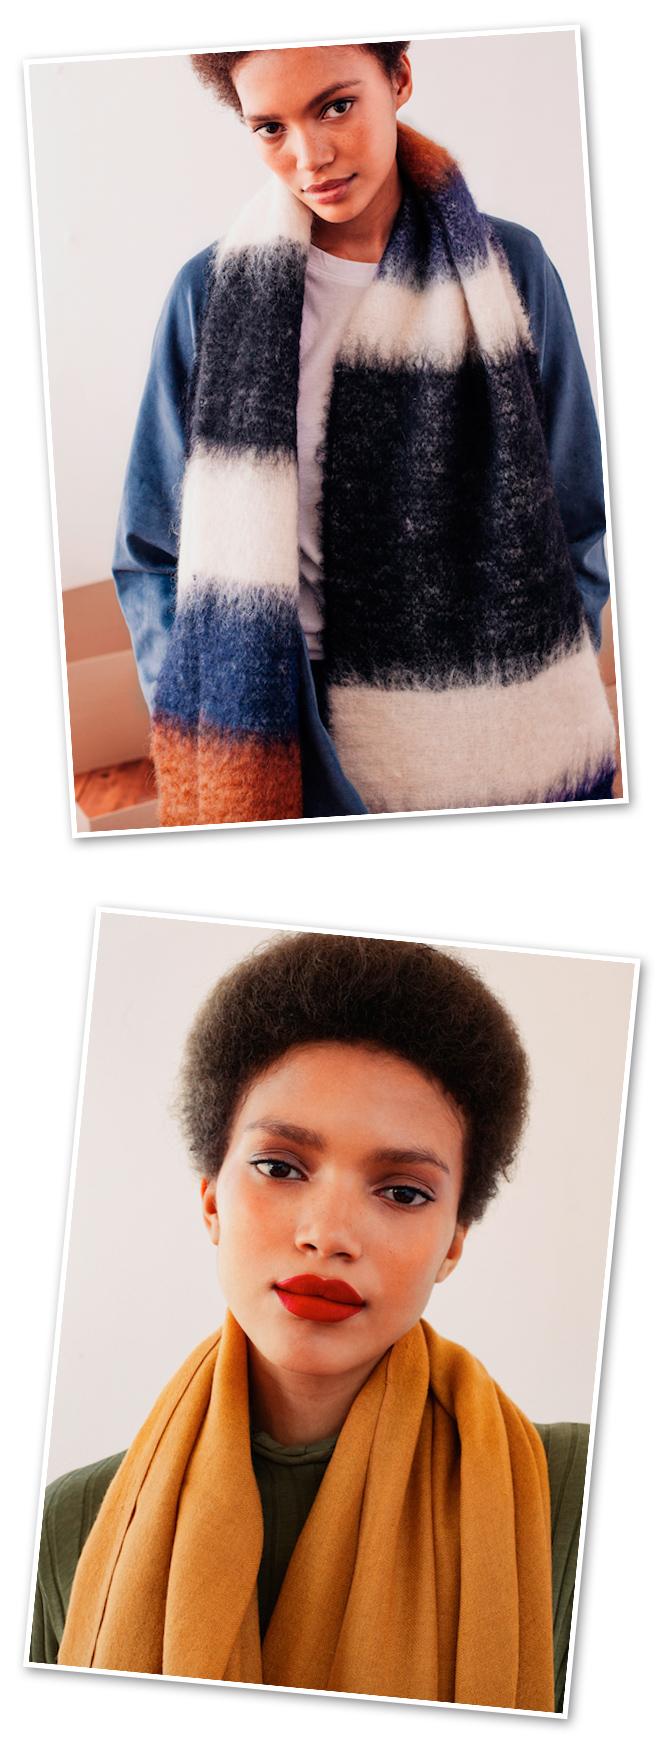 En cuanto a tejidos, encontramos marcas que apuestan por la calidad nacional y extraordinaria, como Stone Warm Simplicity con bufandas y fulares en materiales como la lana y el mohair.